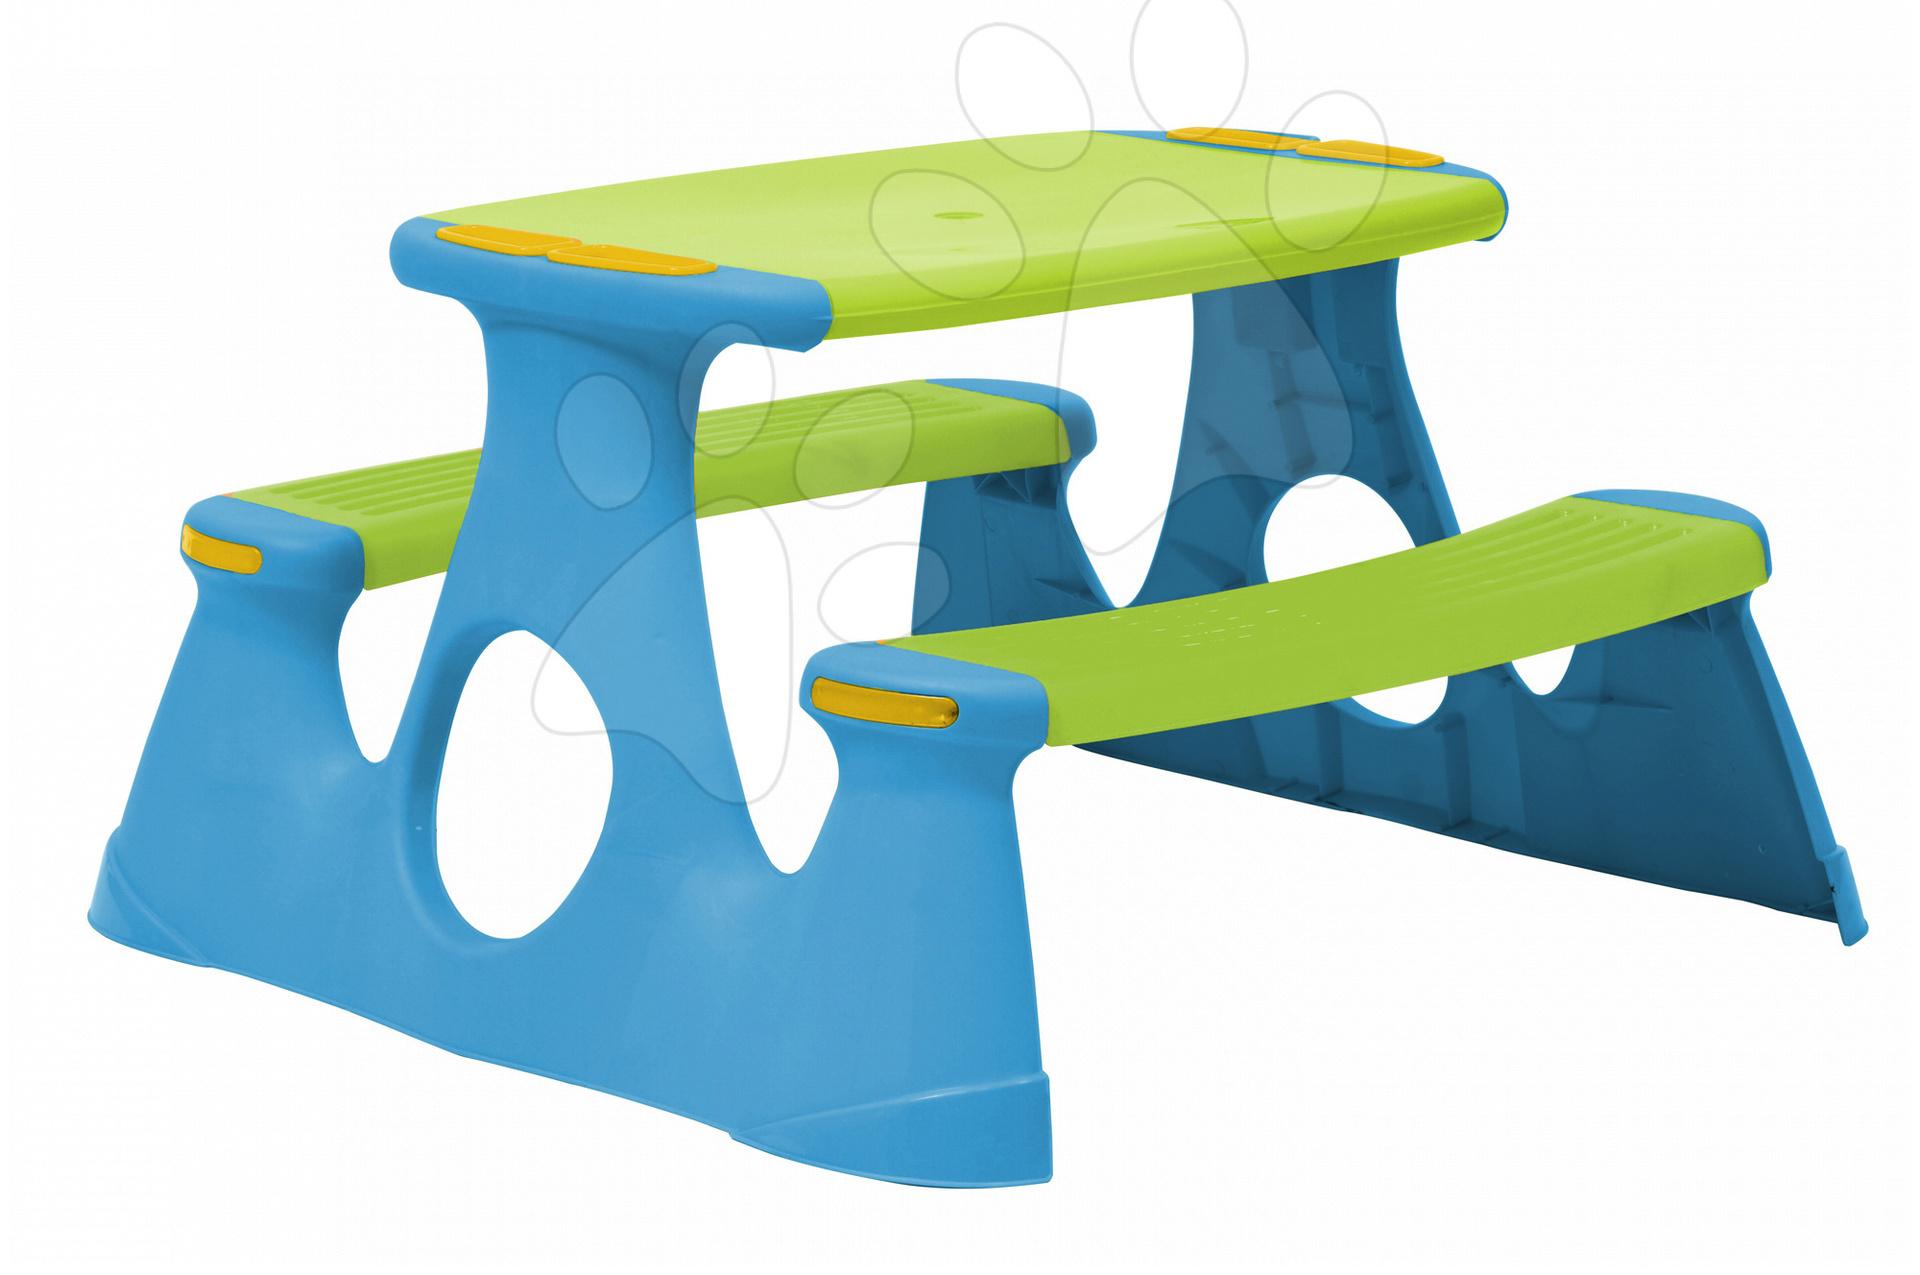 Detský záhradný nábytok - Stôl na hranie Starplast s dvoma lavicami